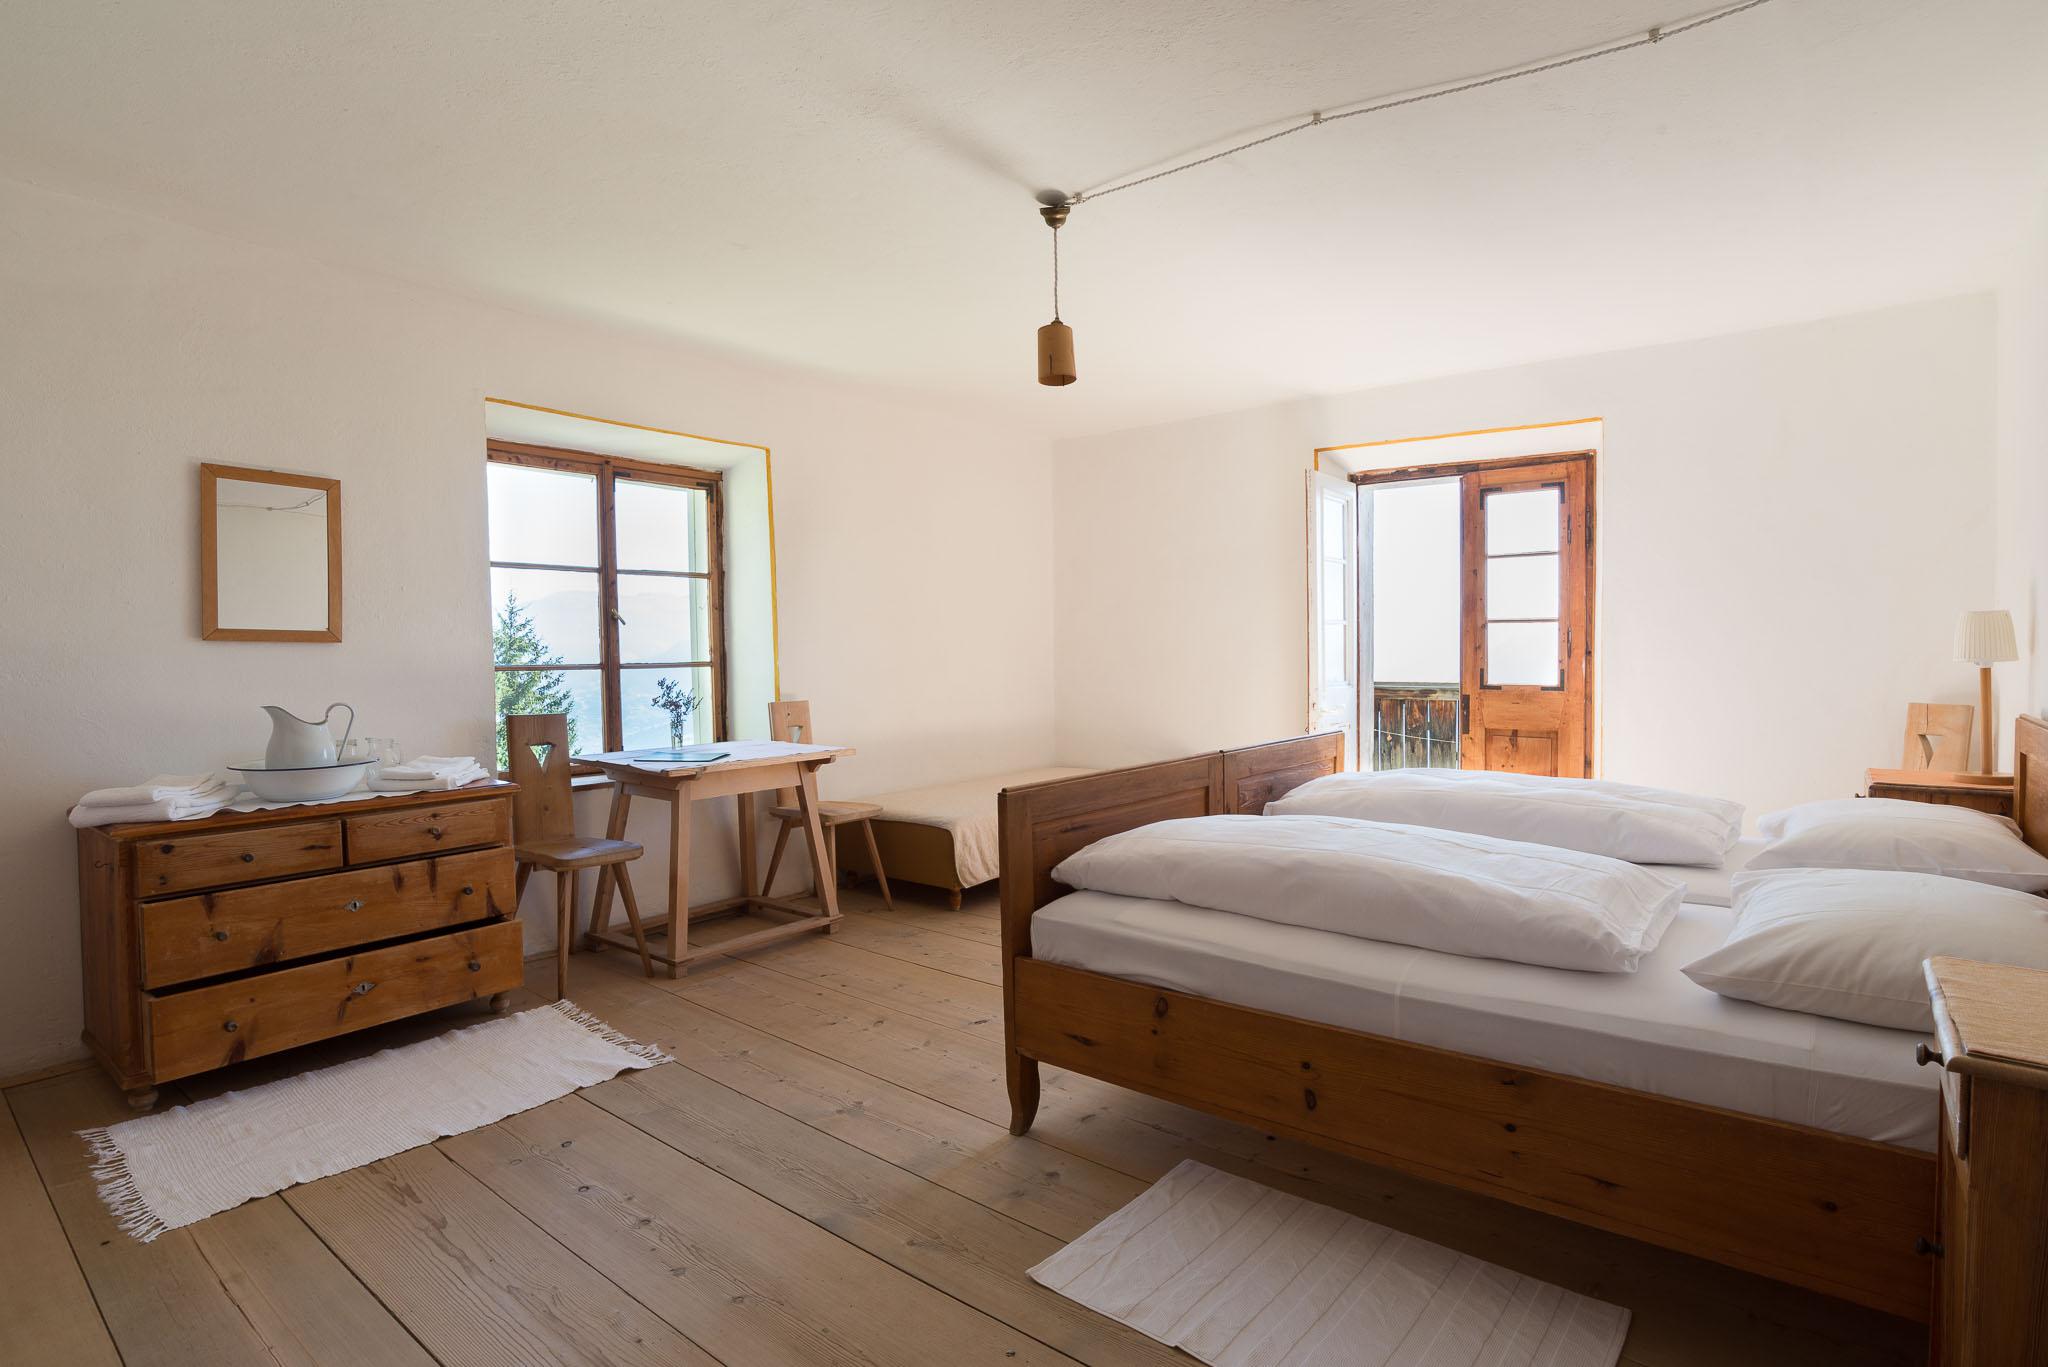 Die mit einfachen Holzmöbeln ausgestatteten Zimmer